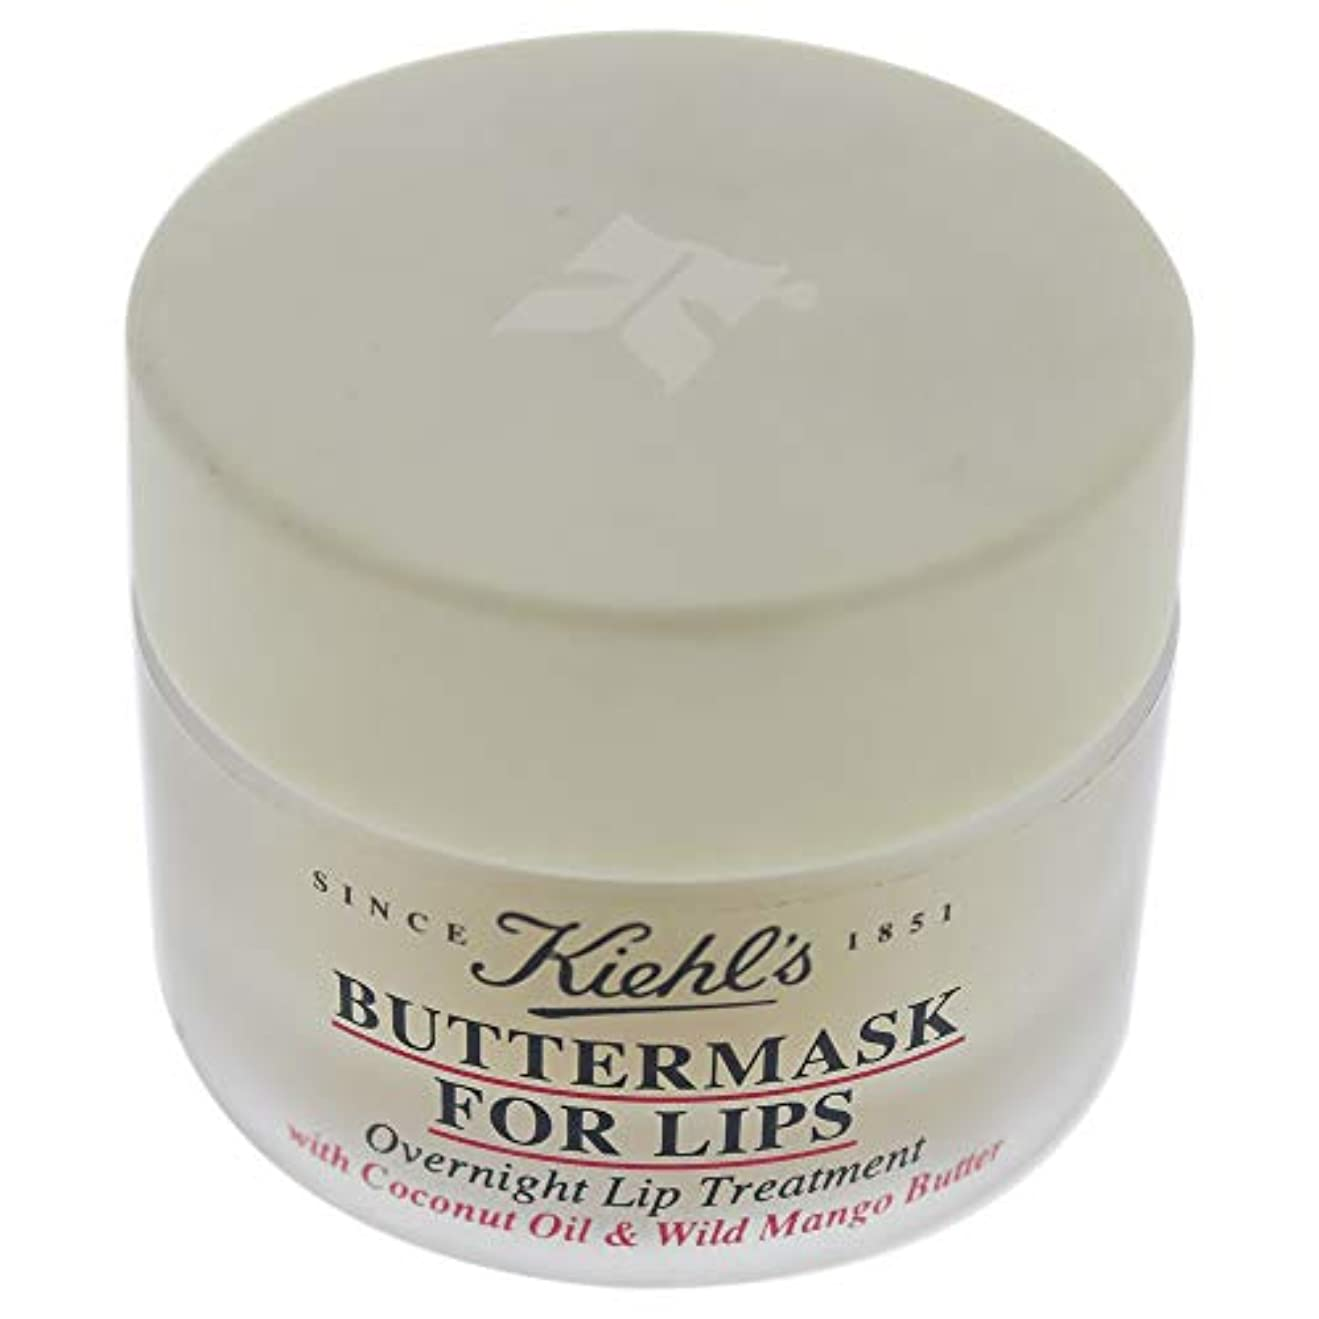 考え川ヤギKiehl's Buttermask For Lips With Coconut Oil and Wild Mango Butter 15ml